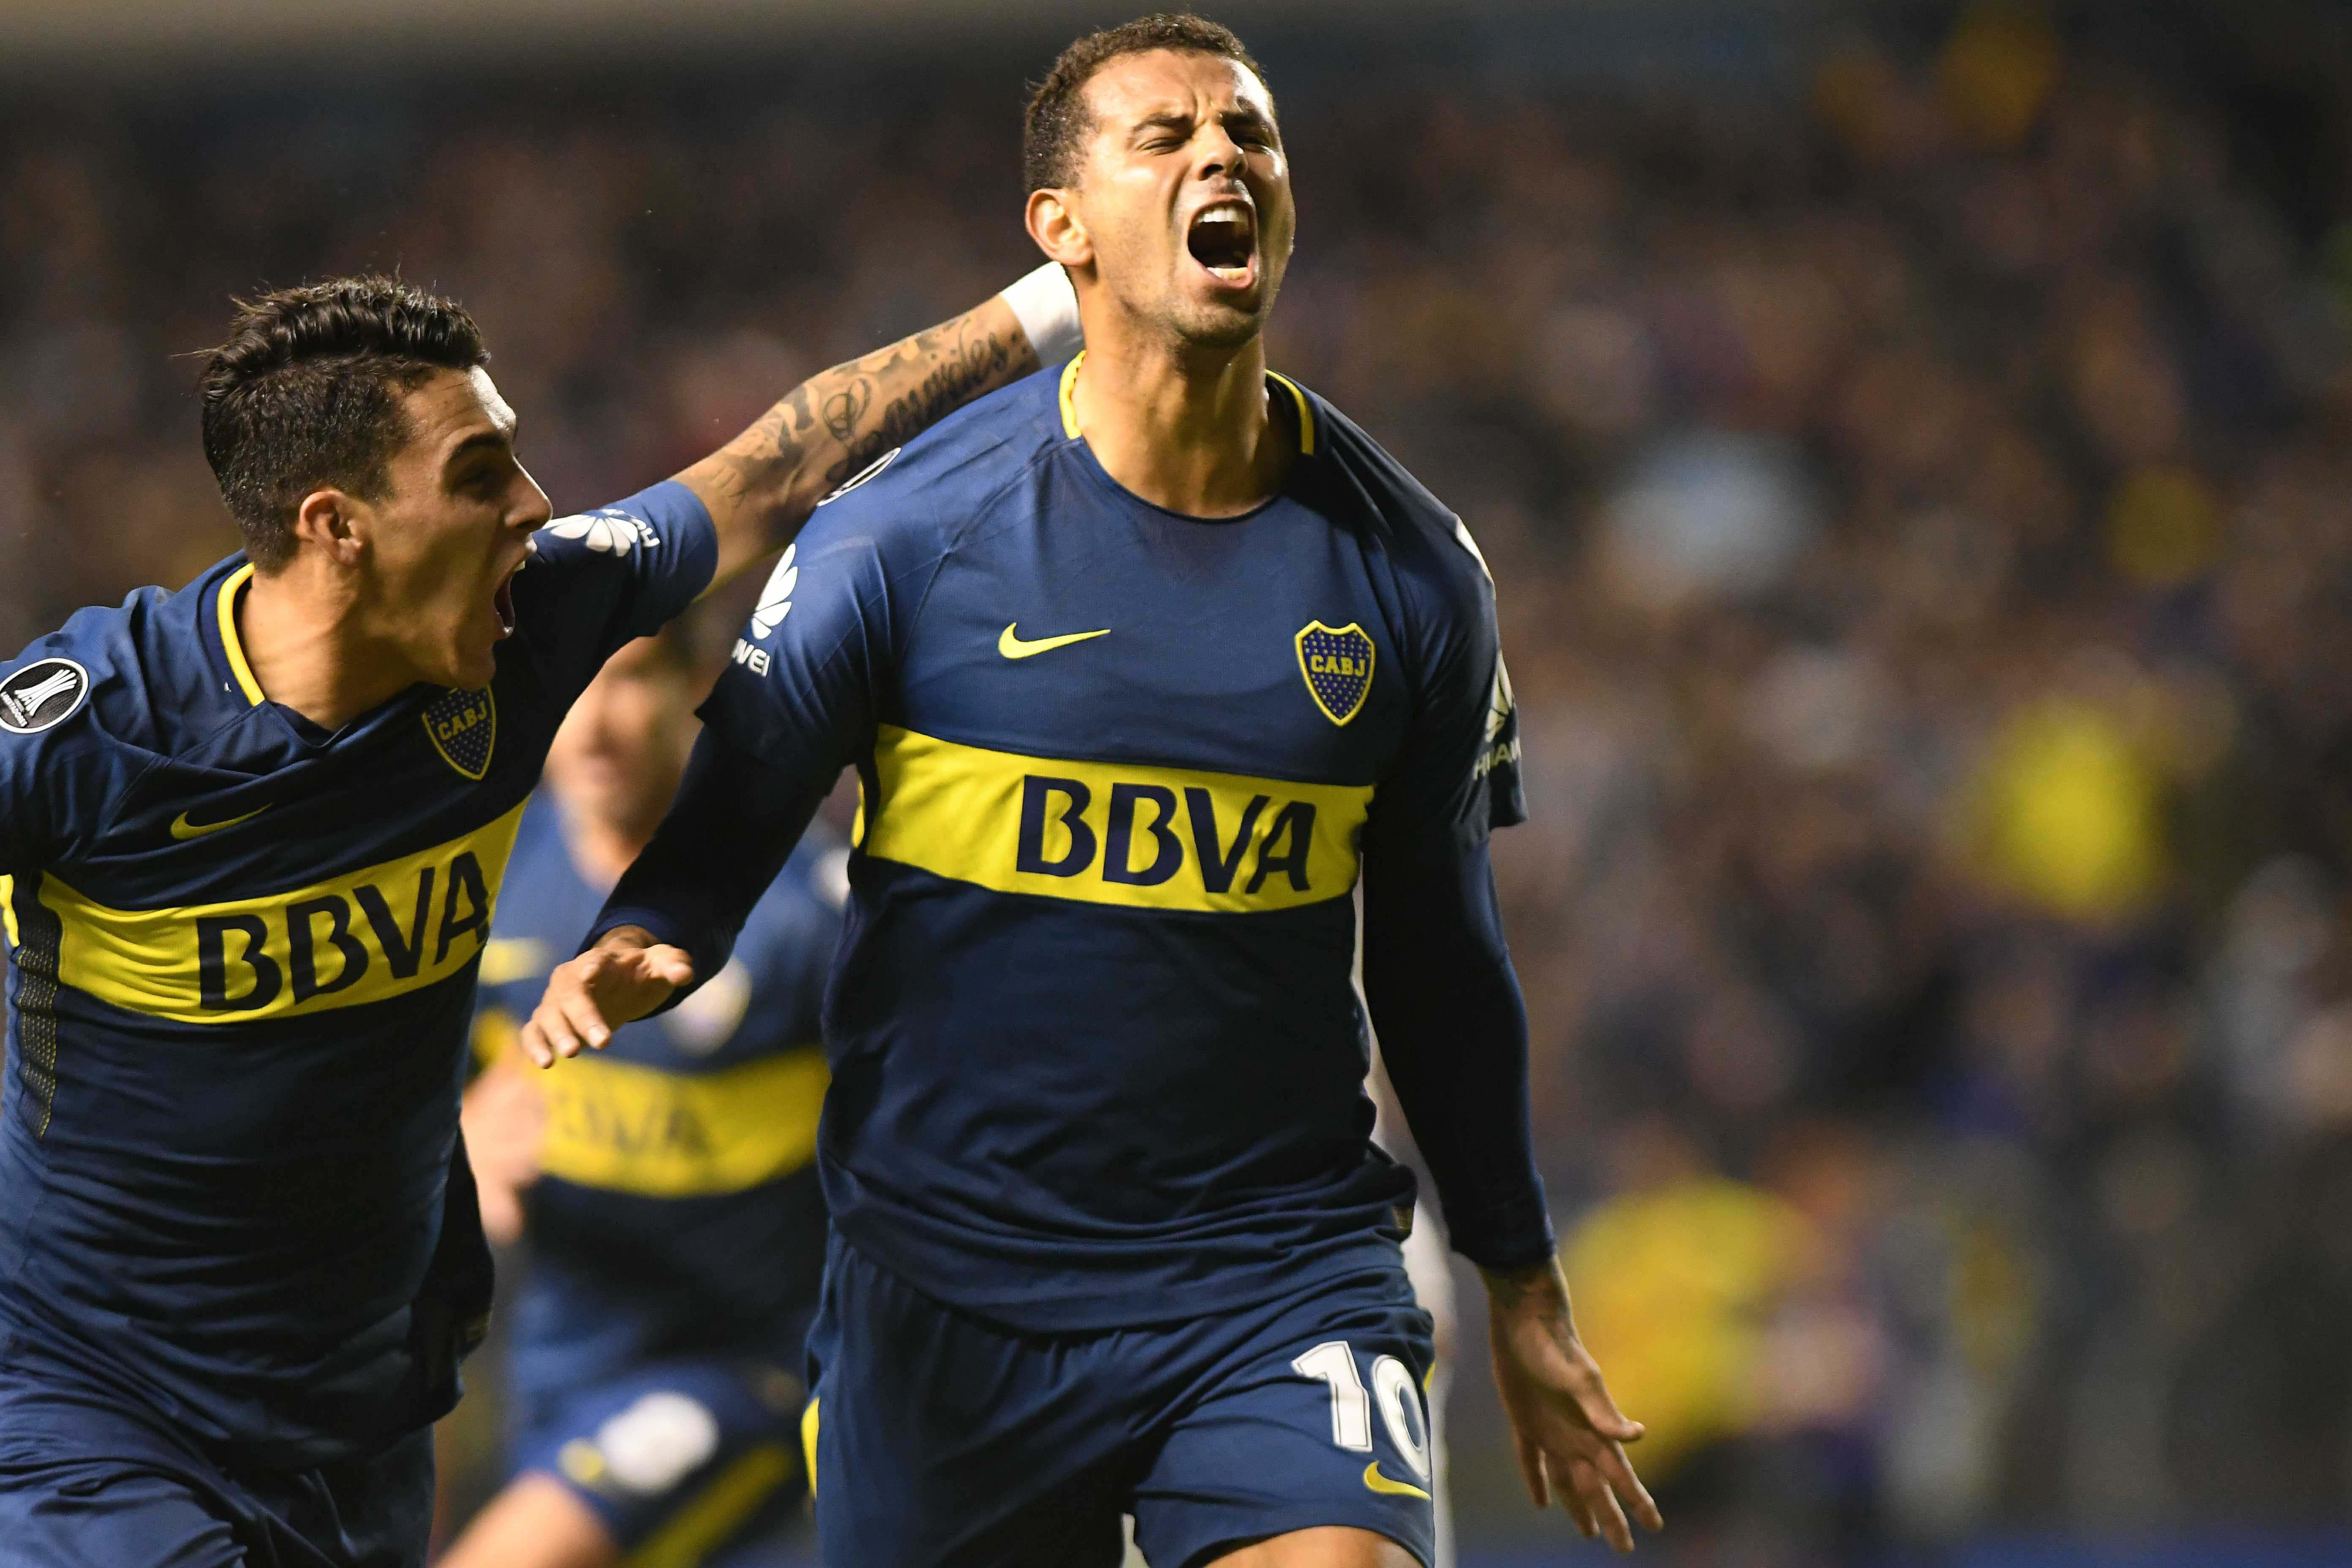 Más problemas para Boca: Cardona se lesionó y es duda para el Superclásico